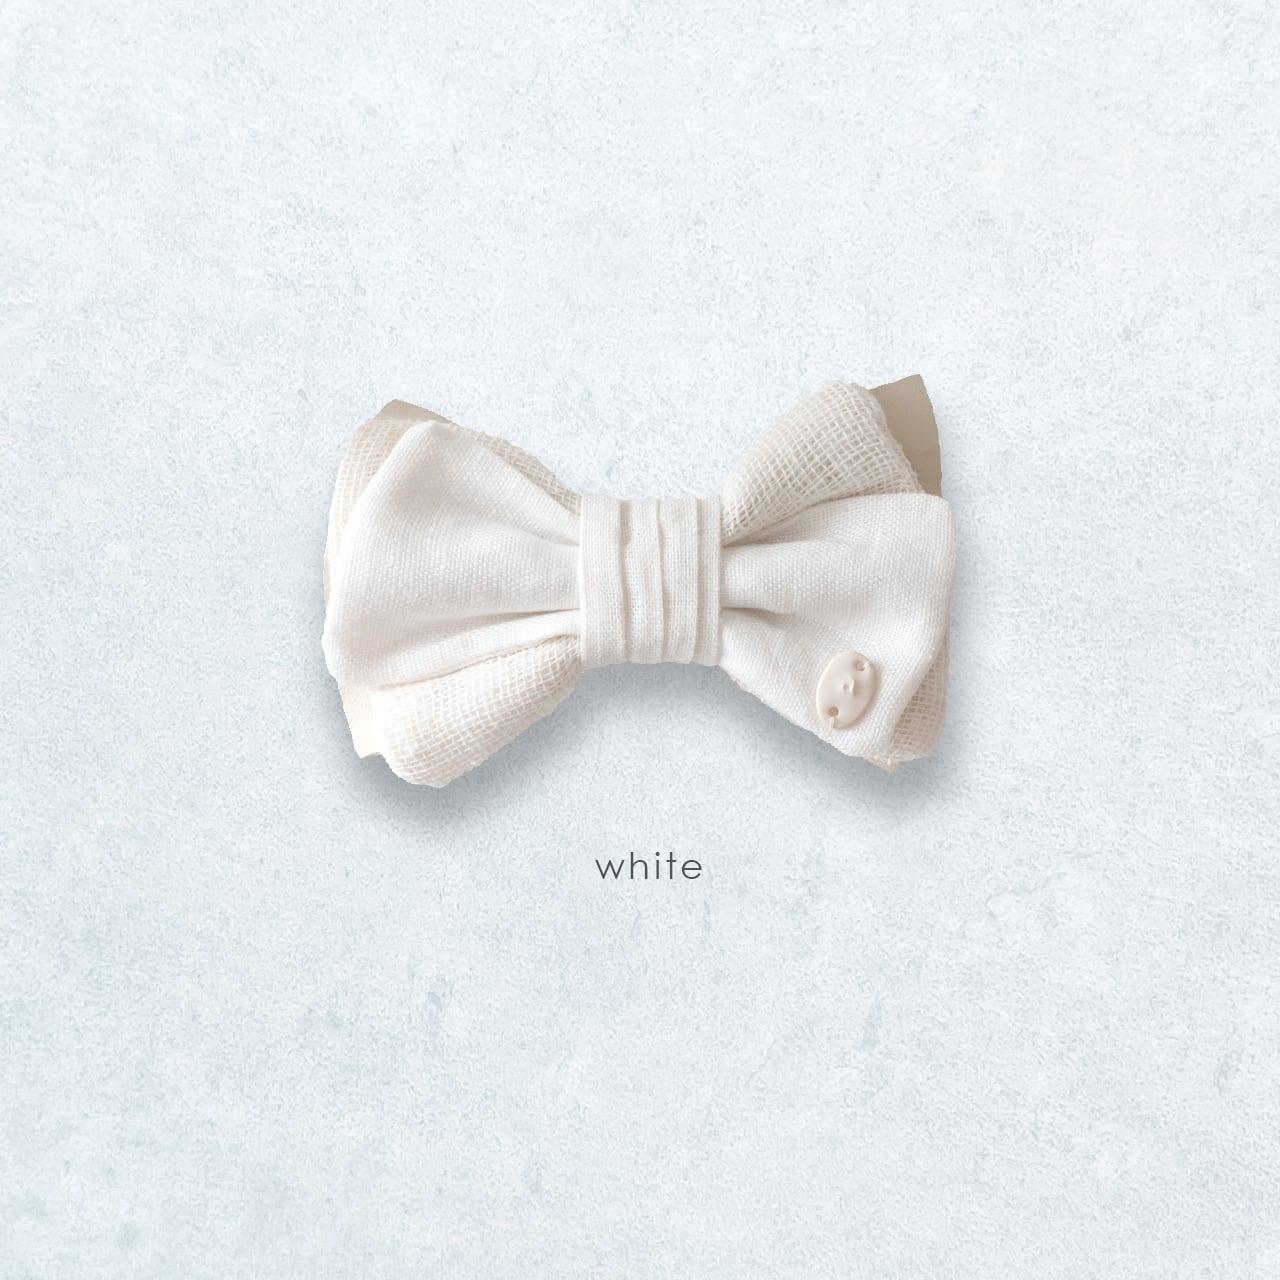 ナチュラル感が新鮮 麻の蝶ネクタイ 〈 BowTie 〉White